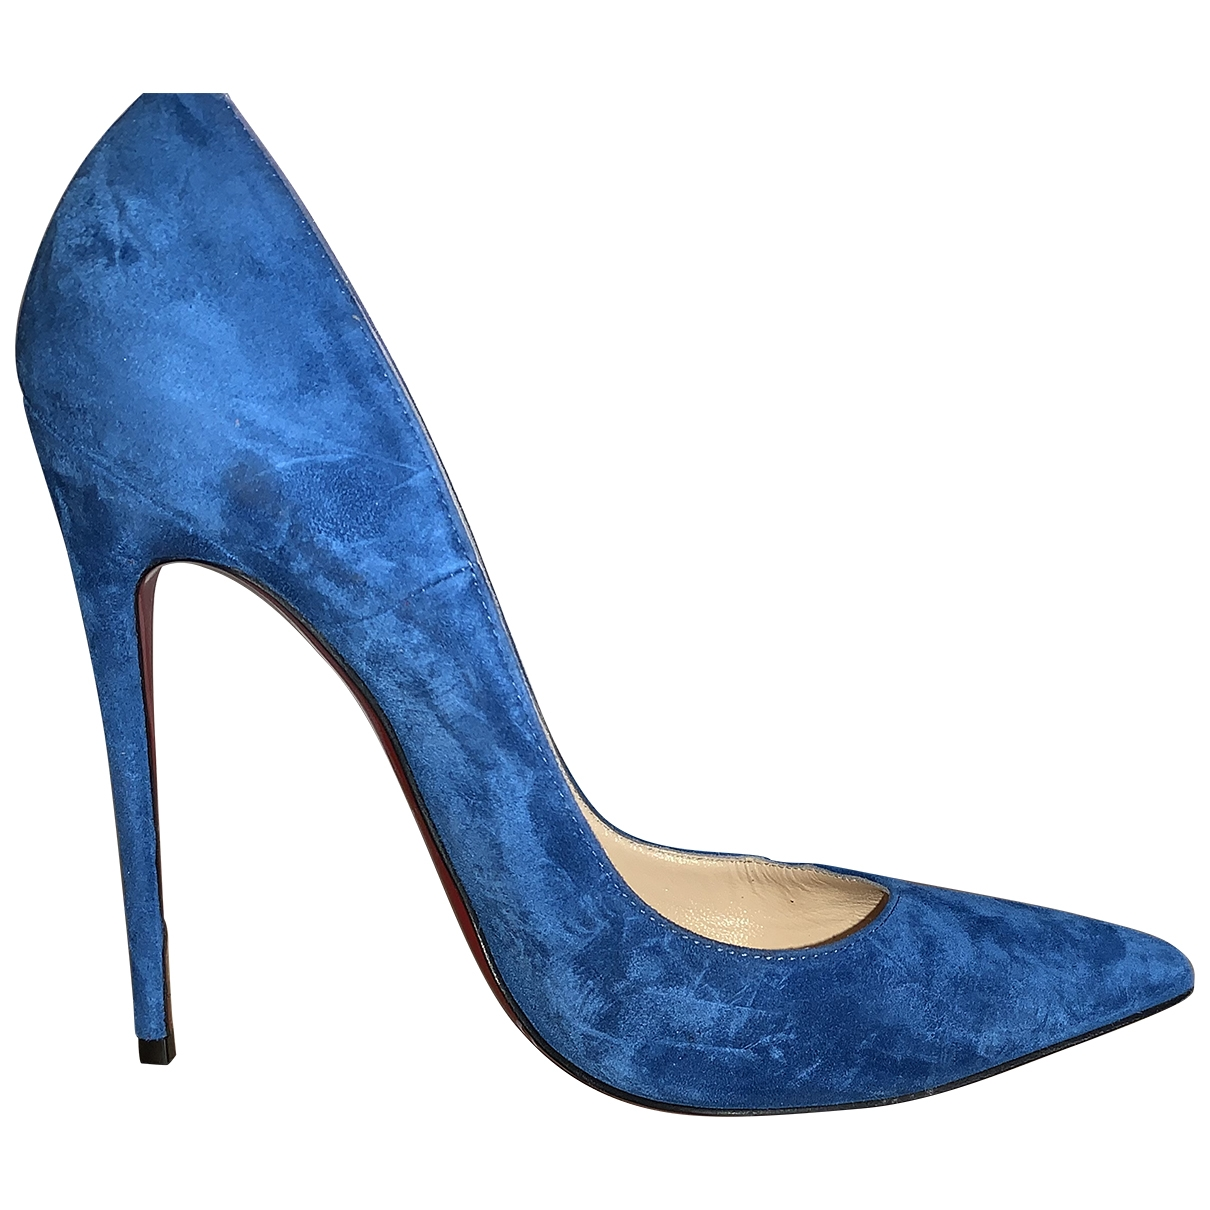 Christian Louboutin So Kate  Pumps in  Blau Veloursleder